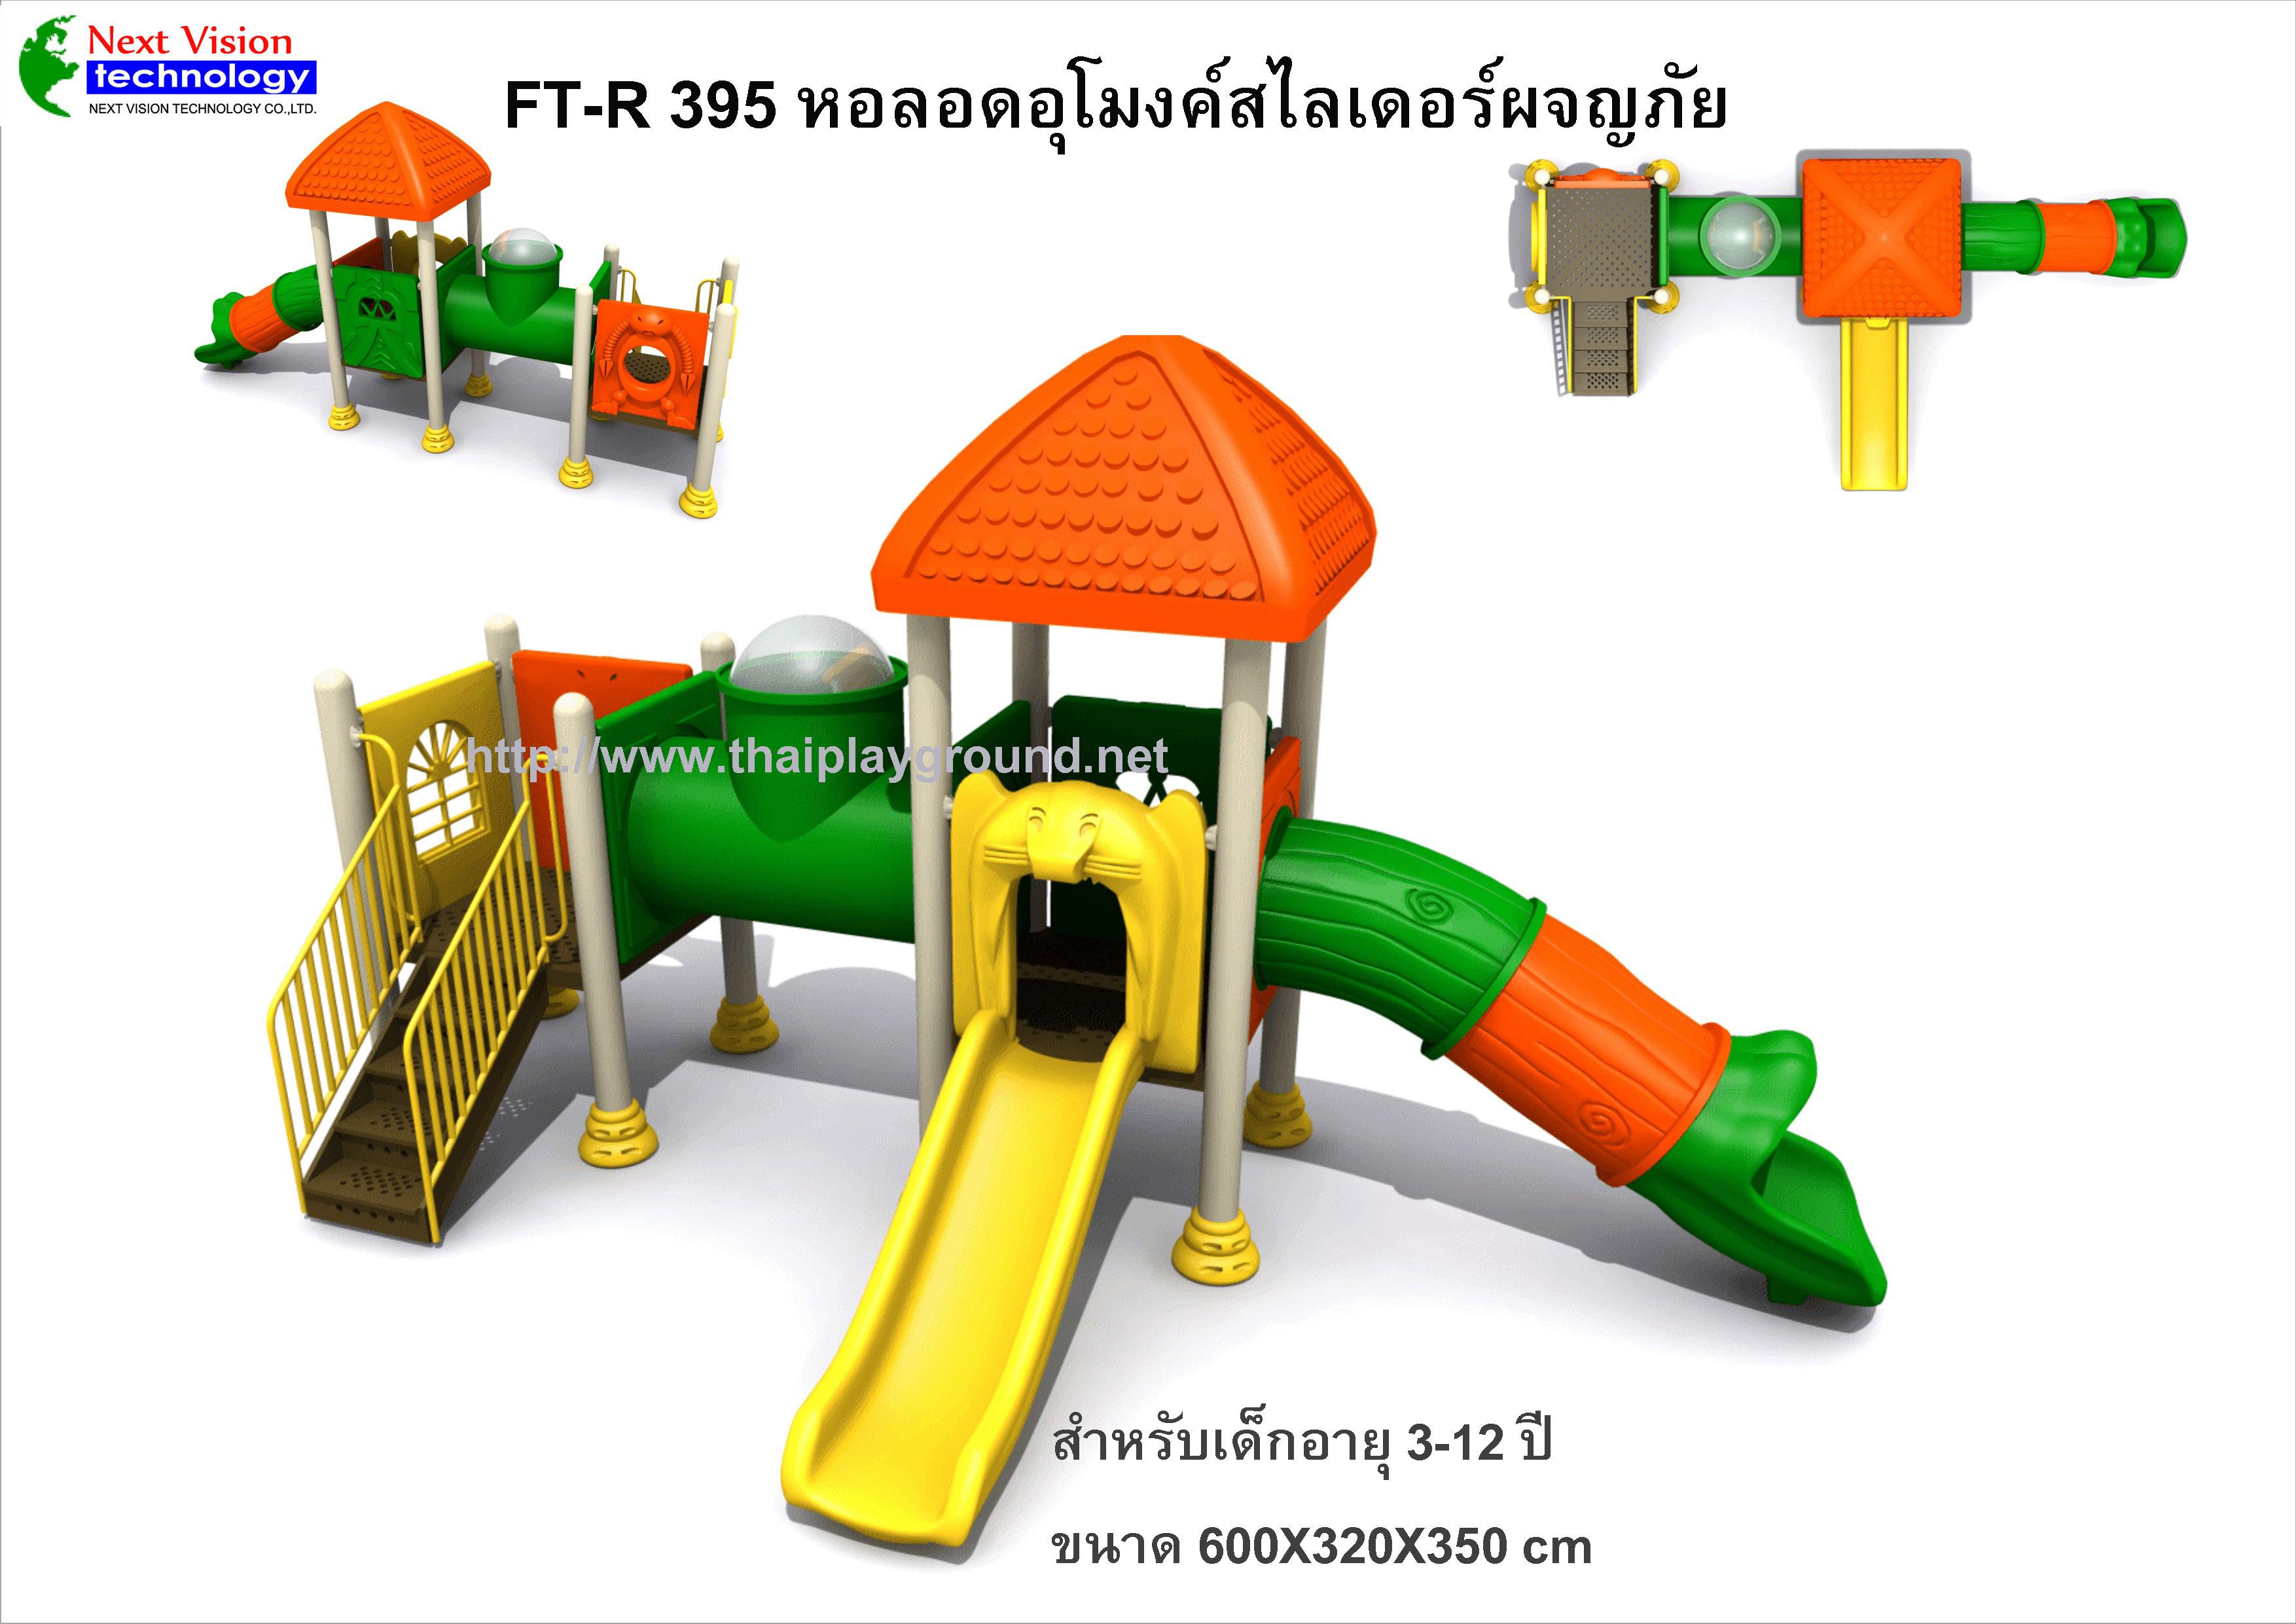 FT-R395 หอลอดอุโมงค์สไลเดอร์ผจญภัย